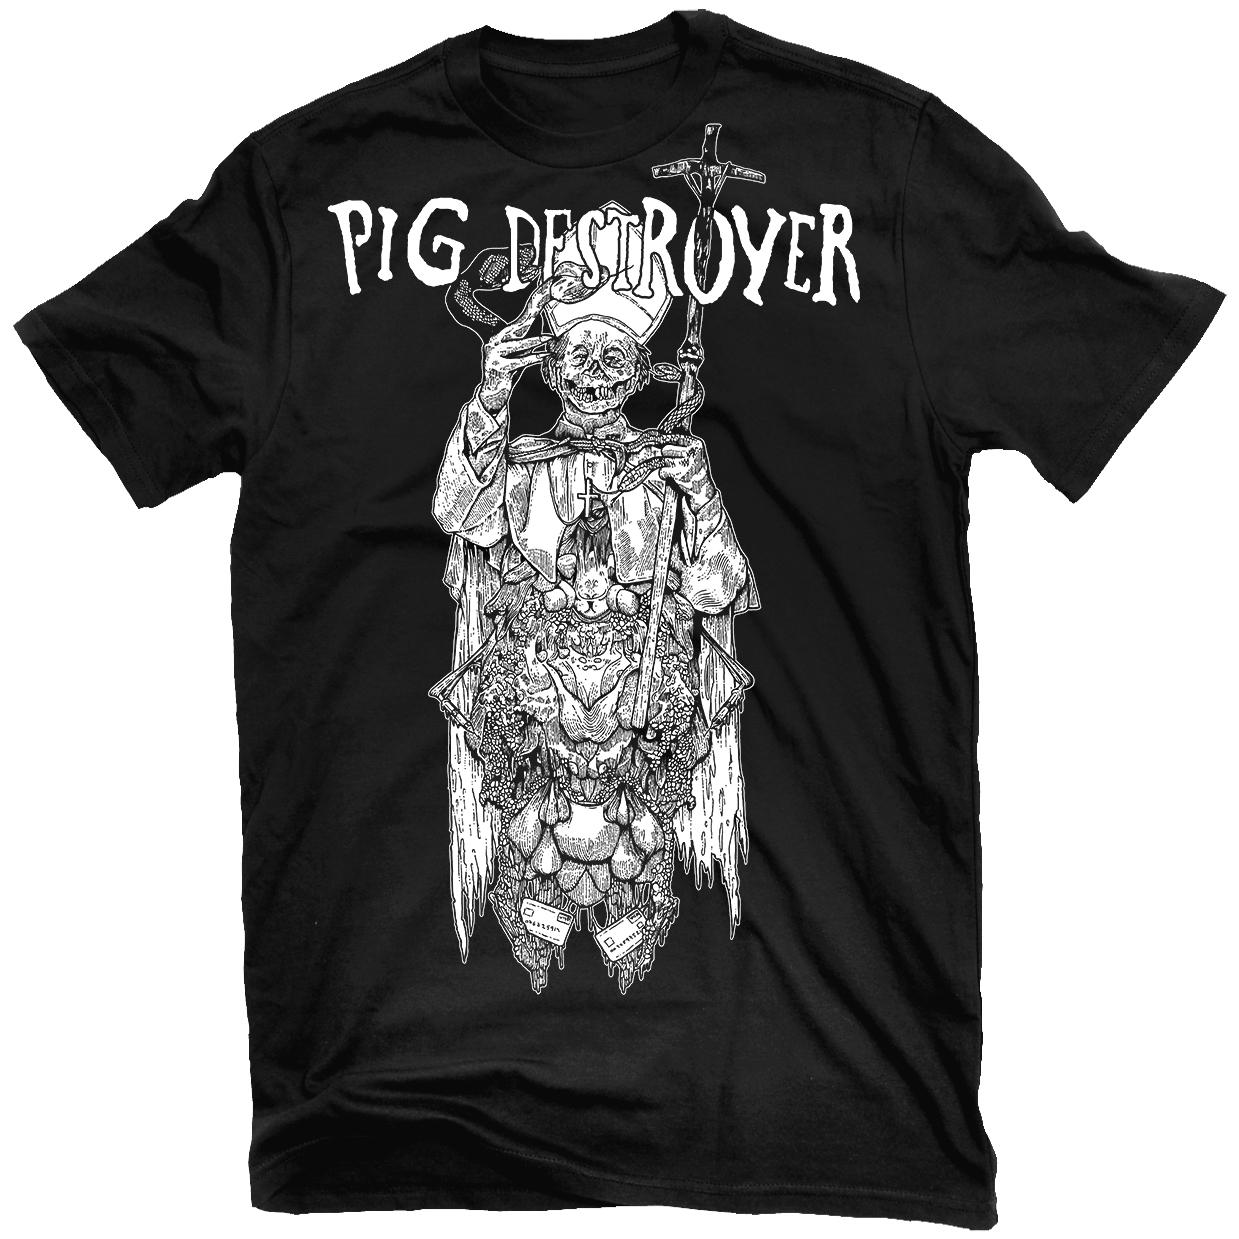 pig-destroyer-merch_02.jpg